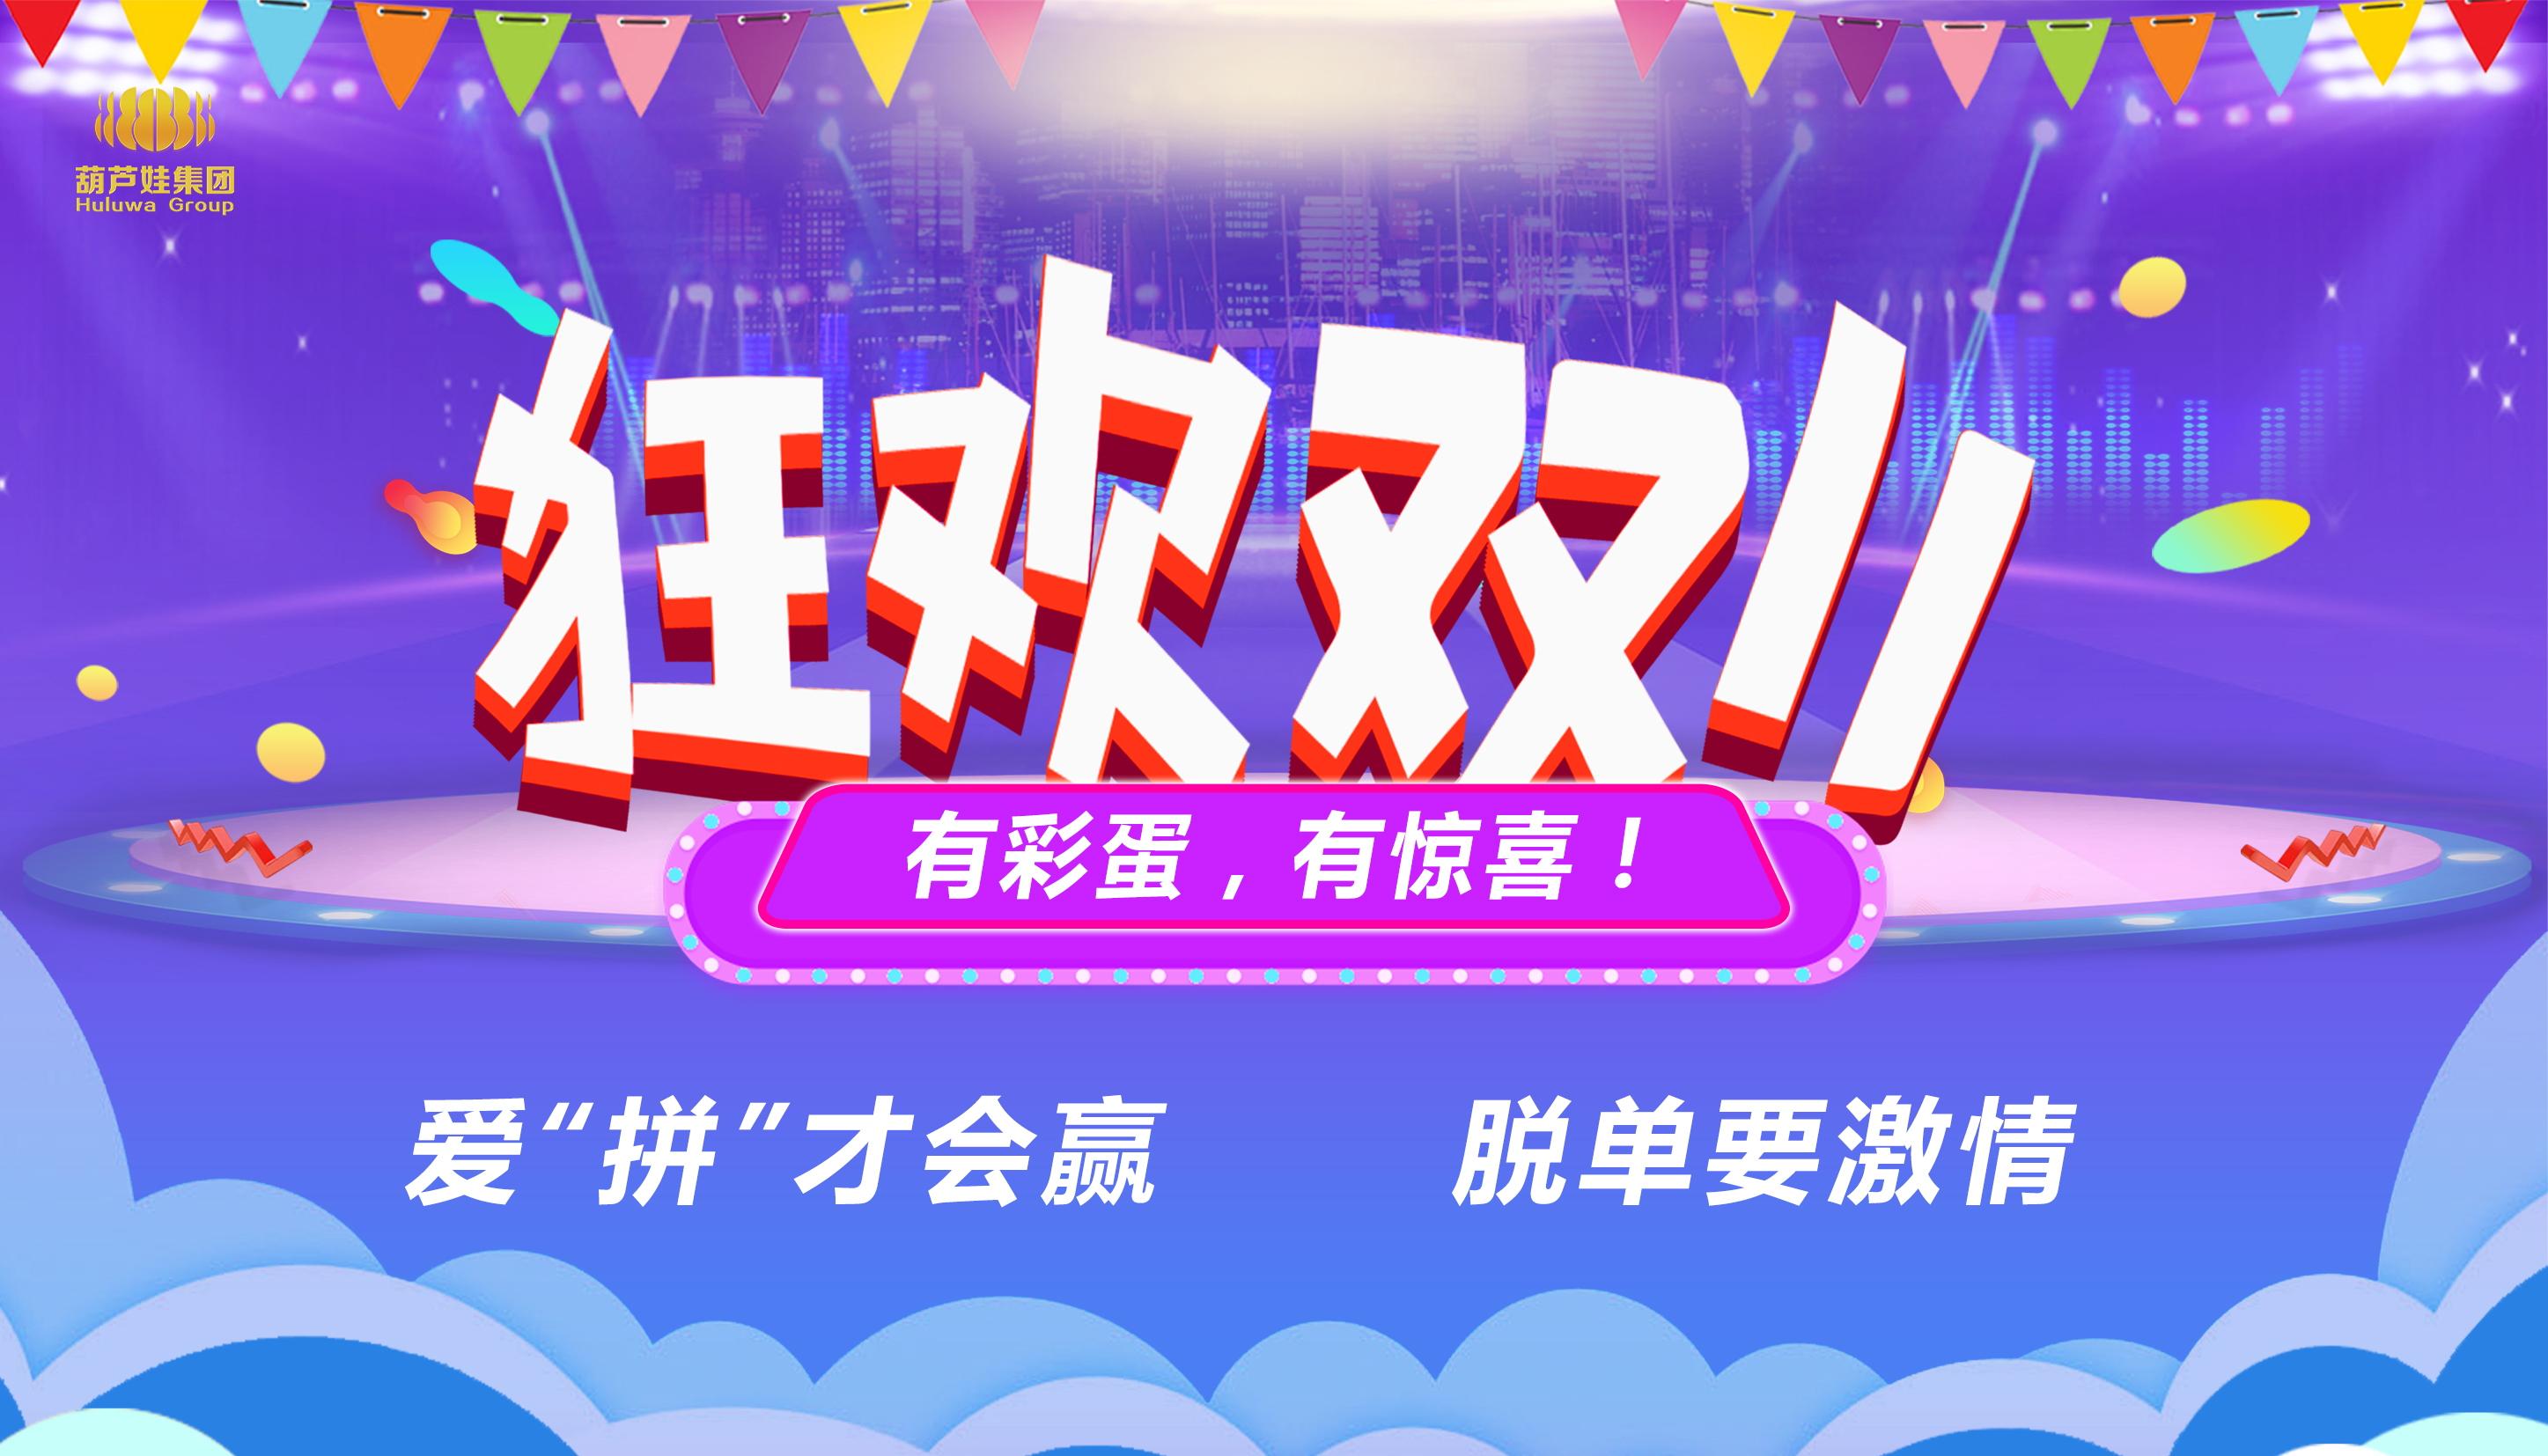 """【AG8手机狂歡雙11】愛""""拚""""才會贏  脫單要激情"""